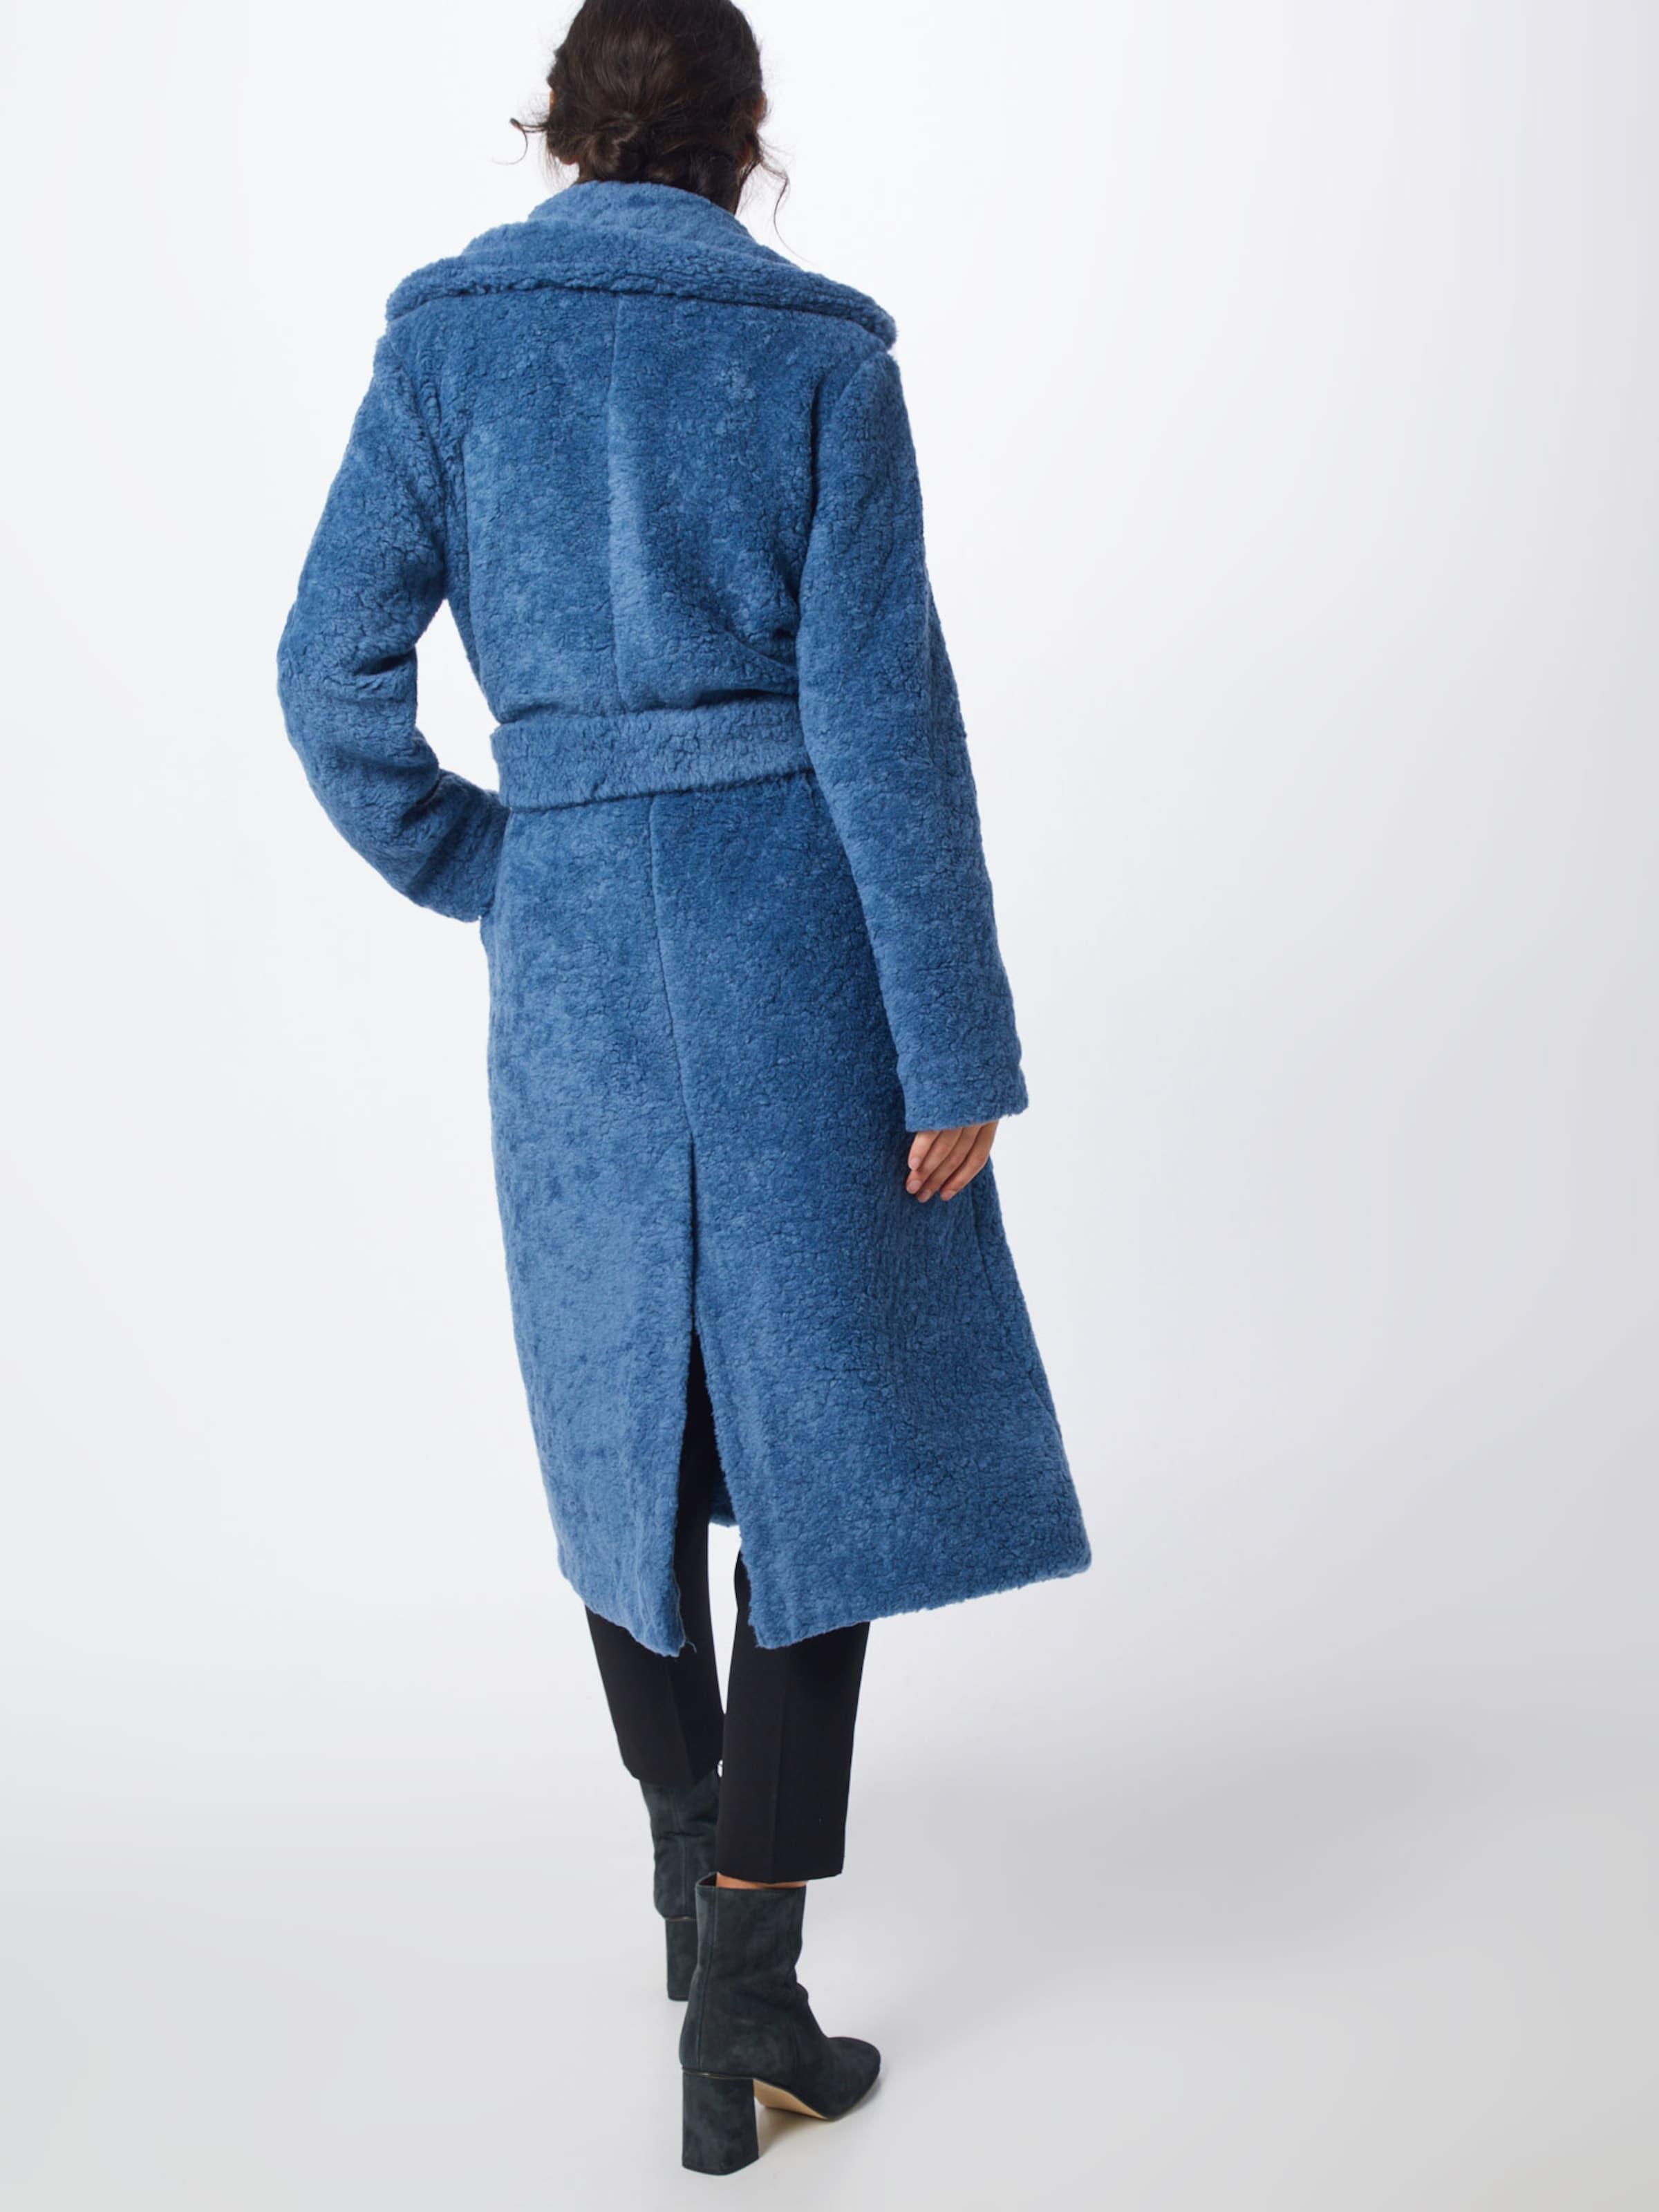 Samsoeamp; En Bleu D'hiver En Manteau Manteau Bleu D'hiver Samsoeamp; XukPTOZi